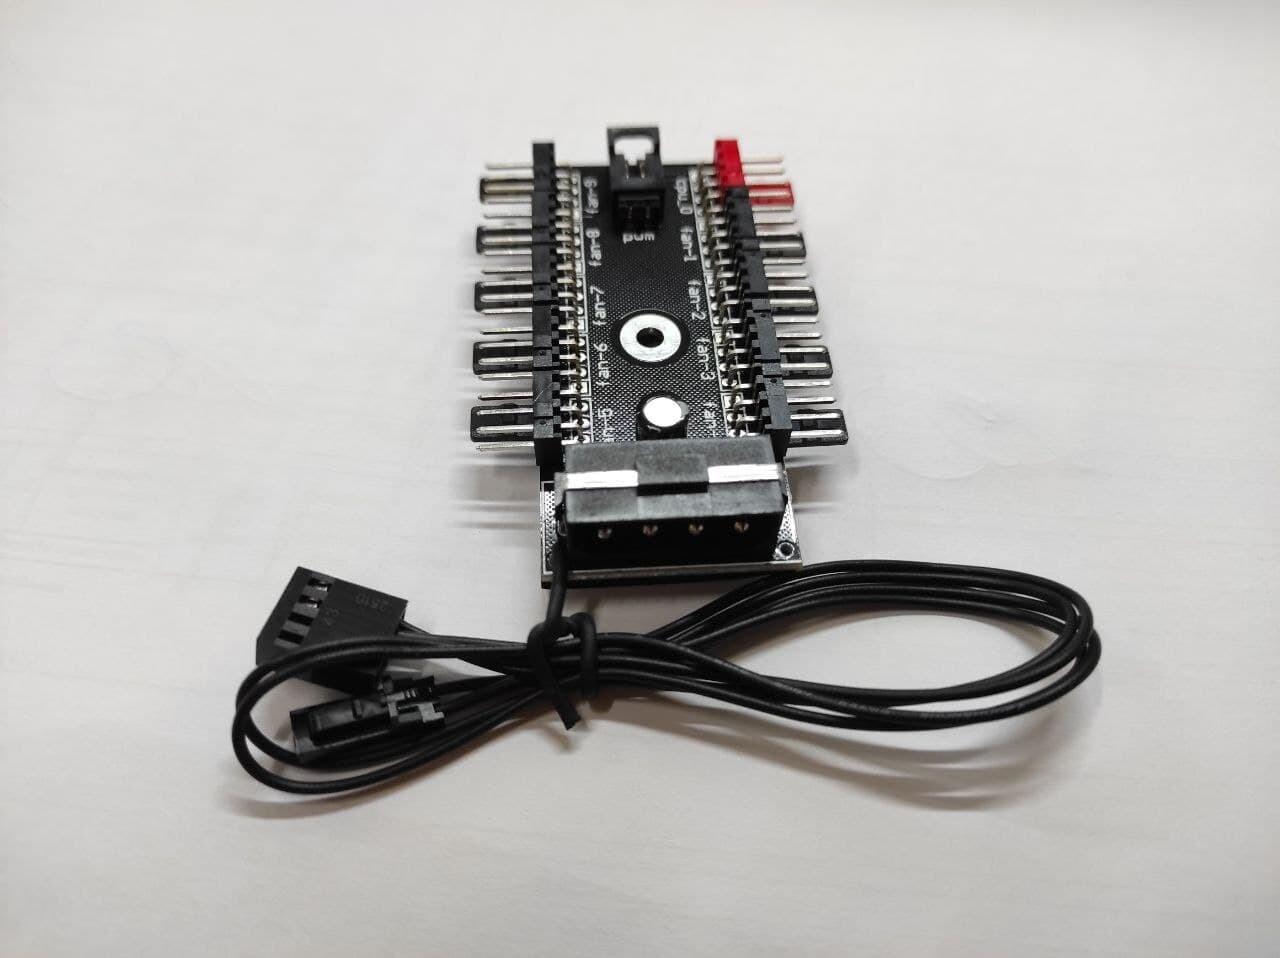 Хаб, реобас, регулятор для вентиляторов 10-ти канальный